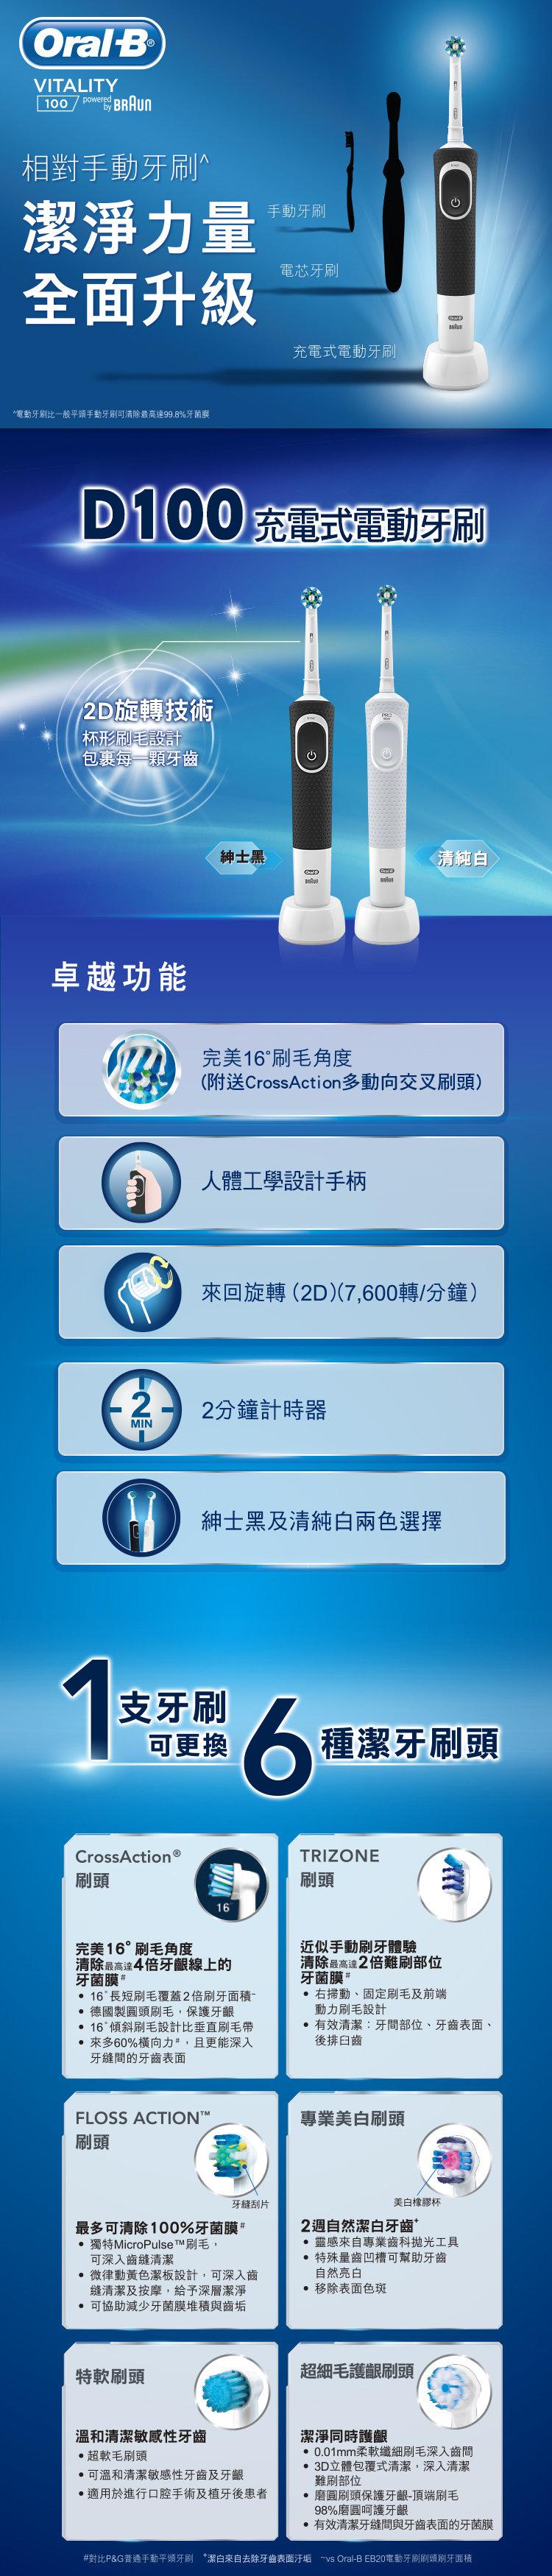 Oral B   D100 CrossAction Vitality - White   HKTVmall Online Shopping